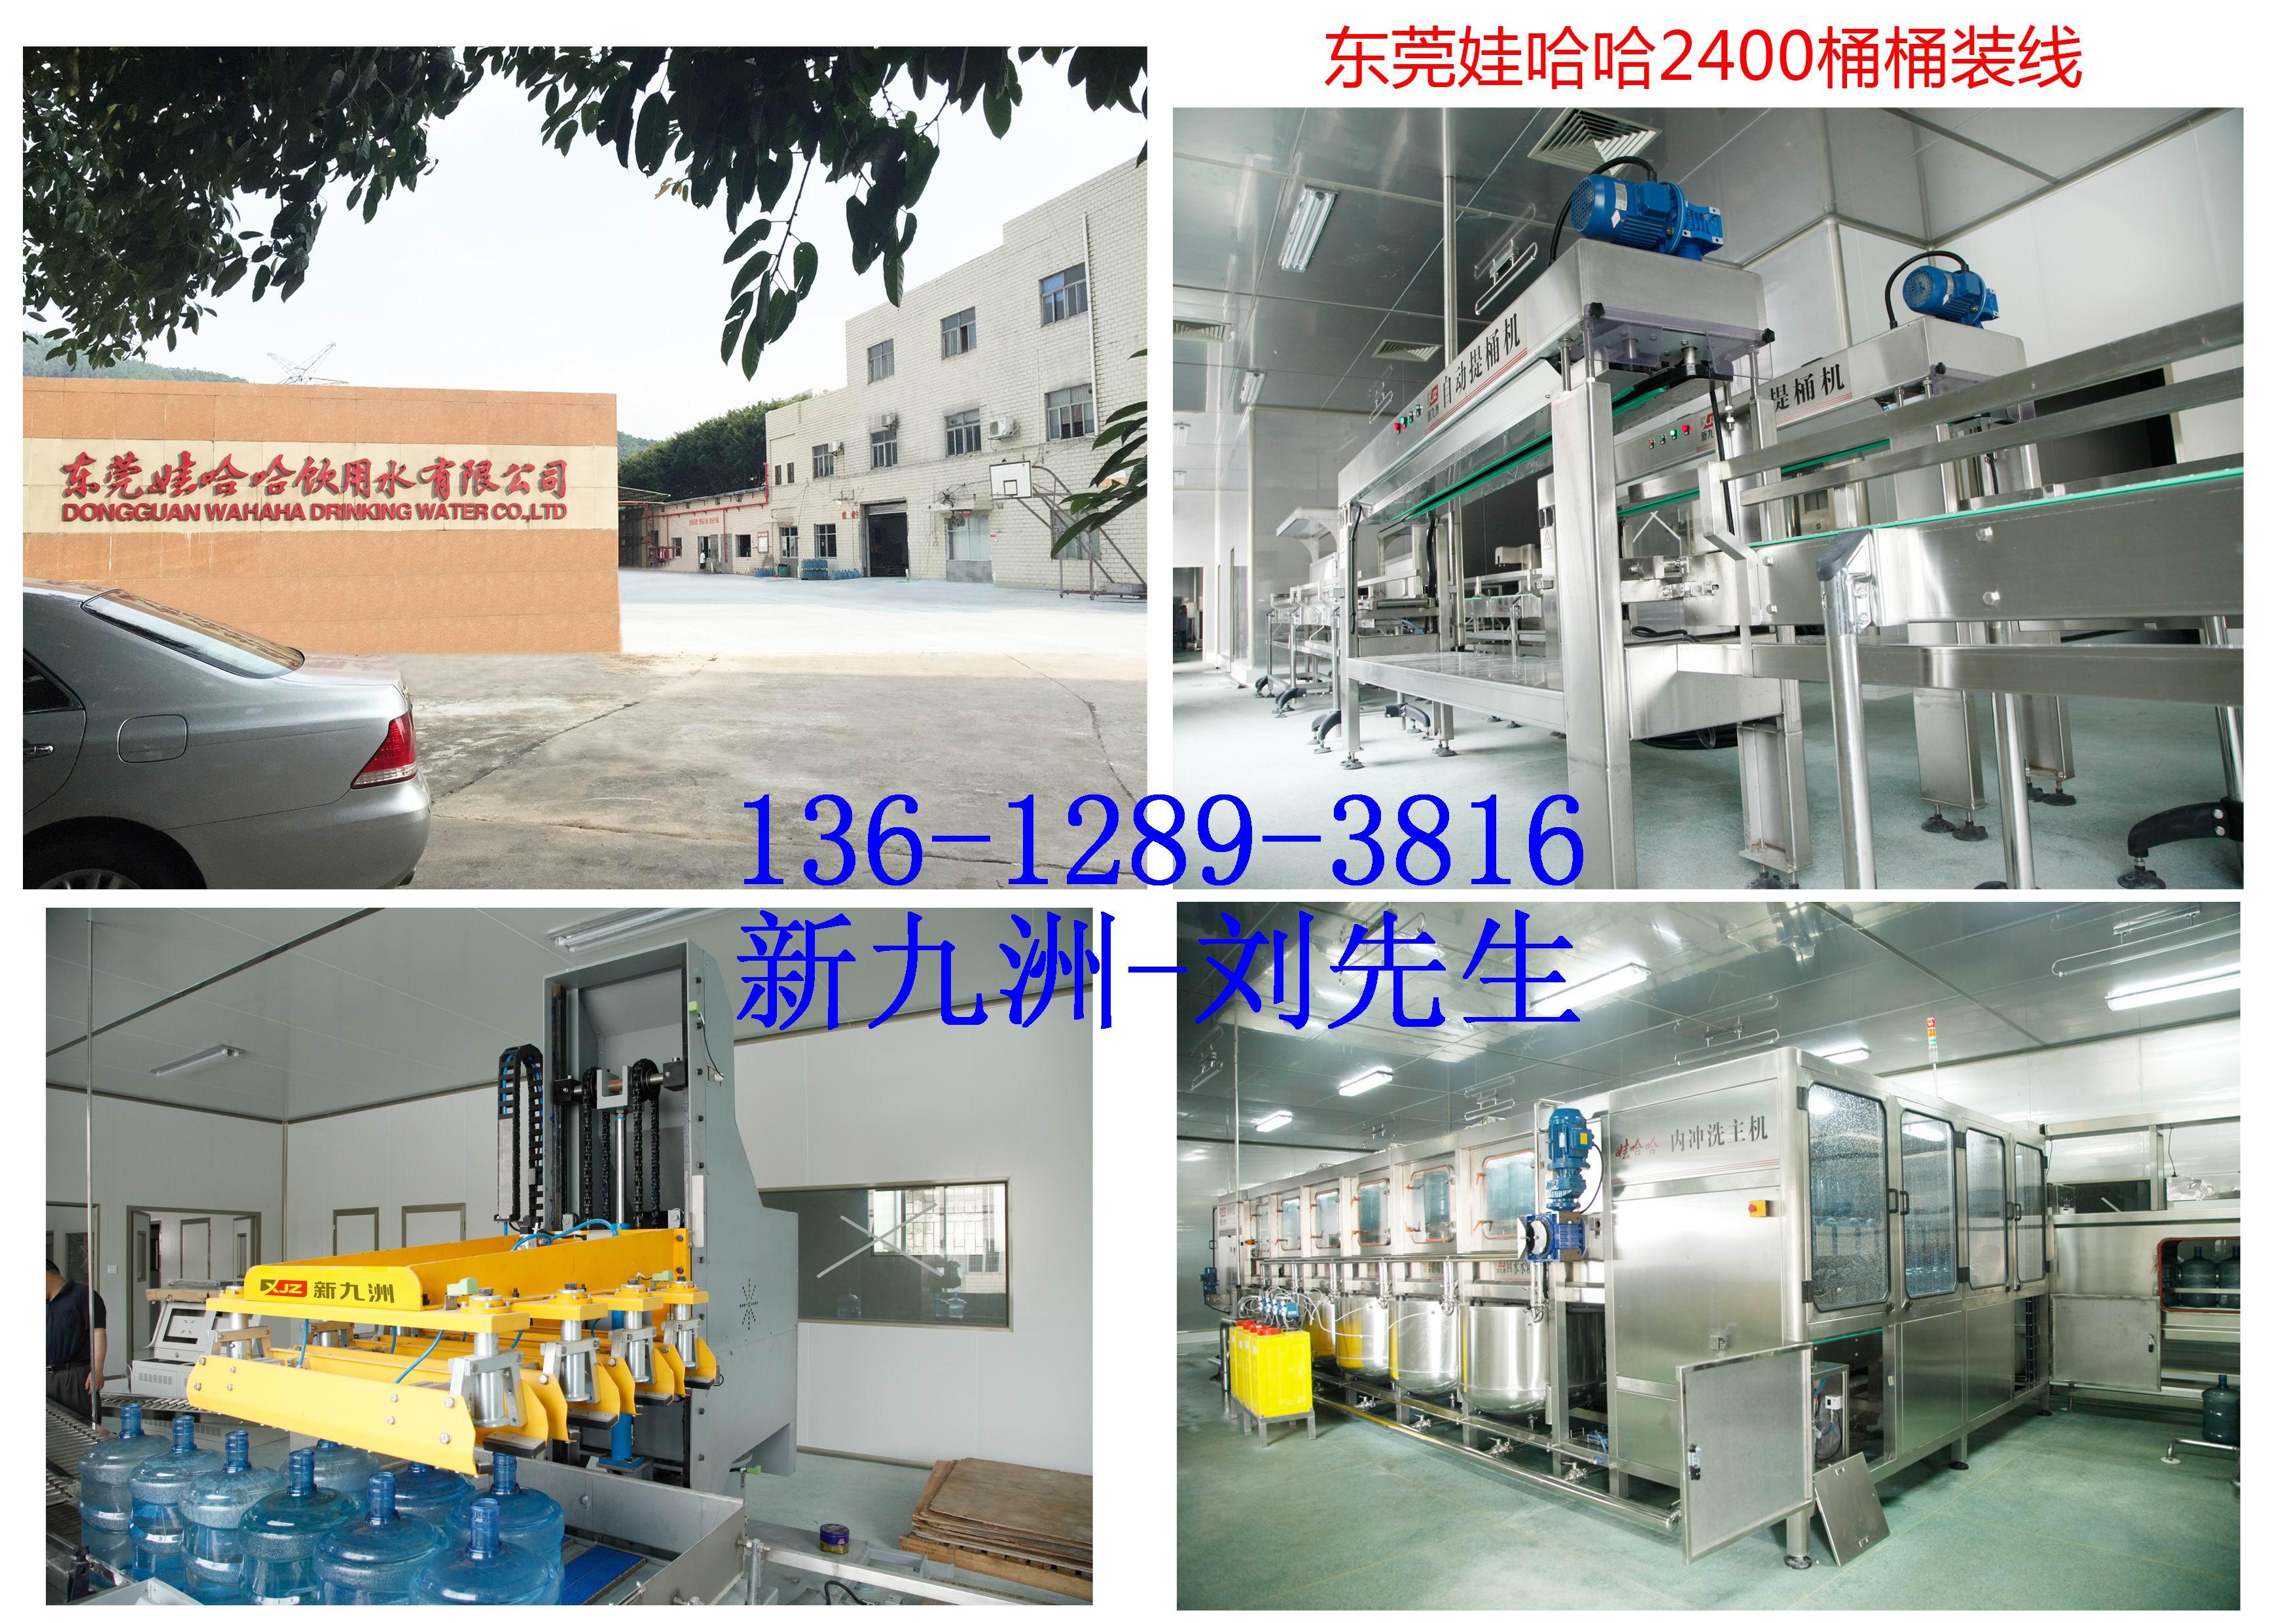 生产线瓶装水生产线桶装水设备瓶装水设备五加仑灌装